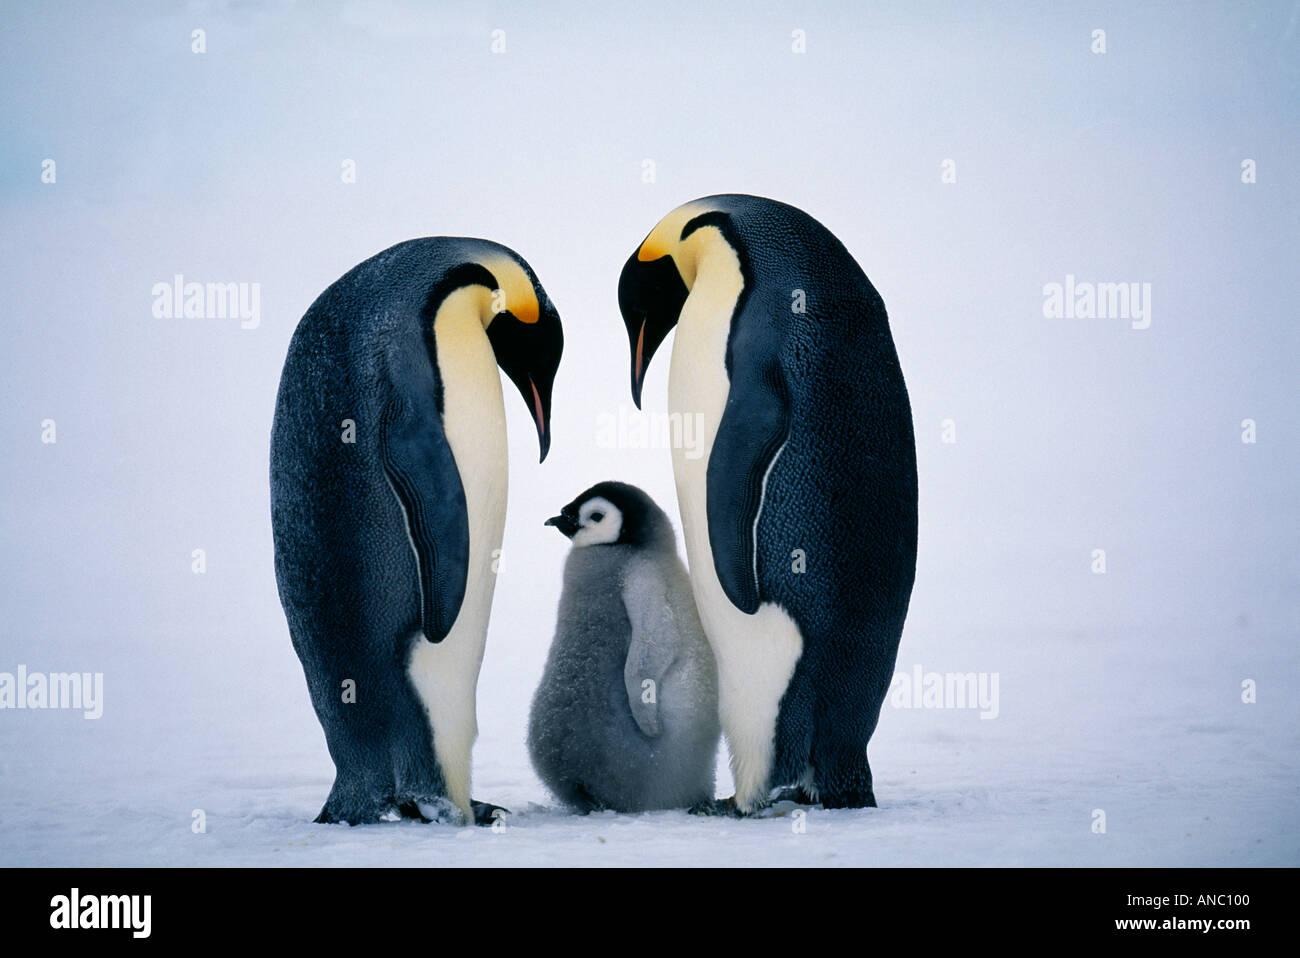 El pingüino emperador Aptenodytes forsteri emparejar con chick familia Dawson Lambton glaciar antártico Imagen De Stock